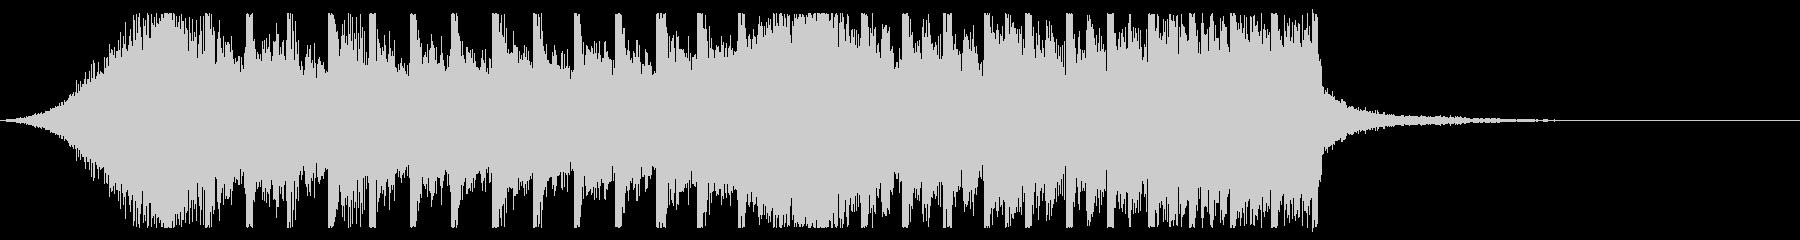 切ないきらきらピアノジングル④ 映画風の未再生の波形